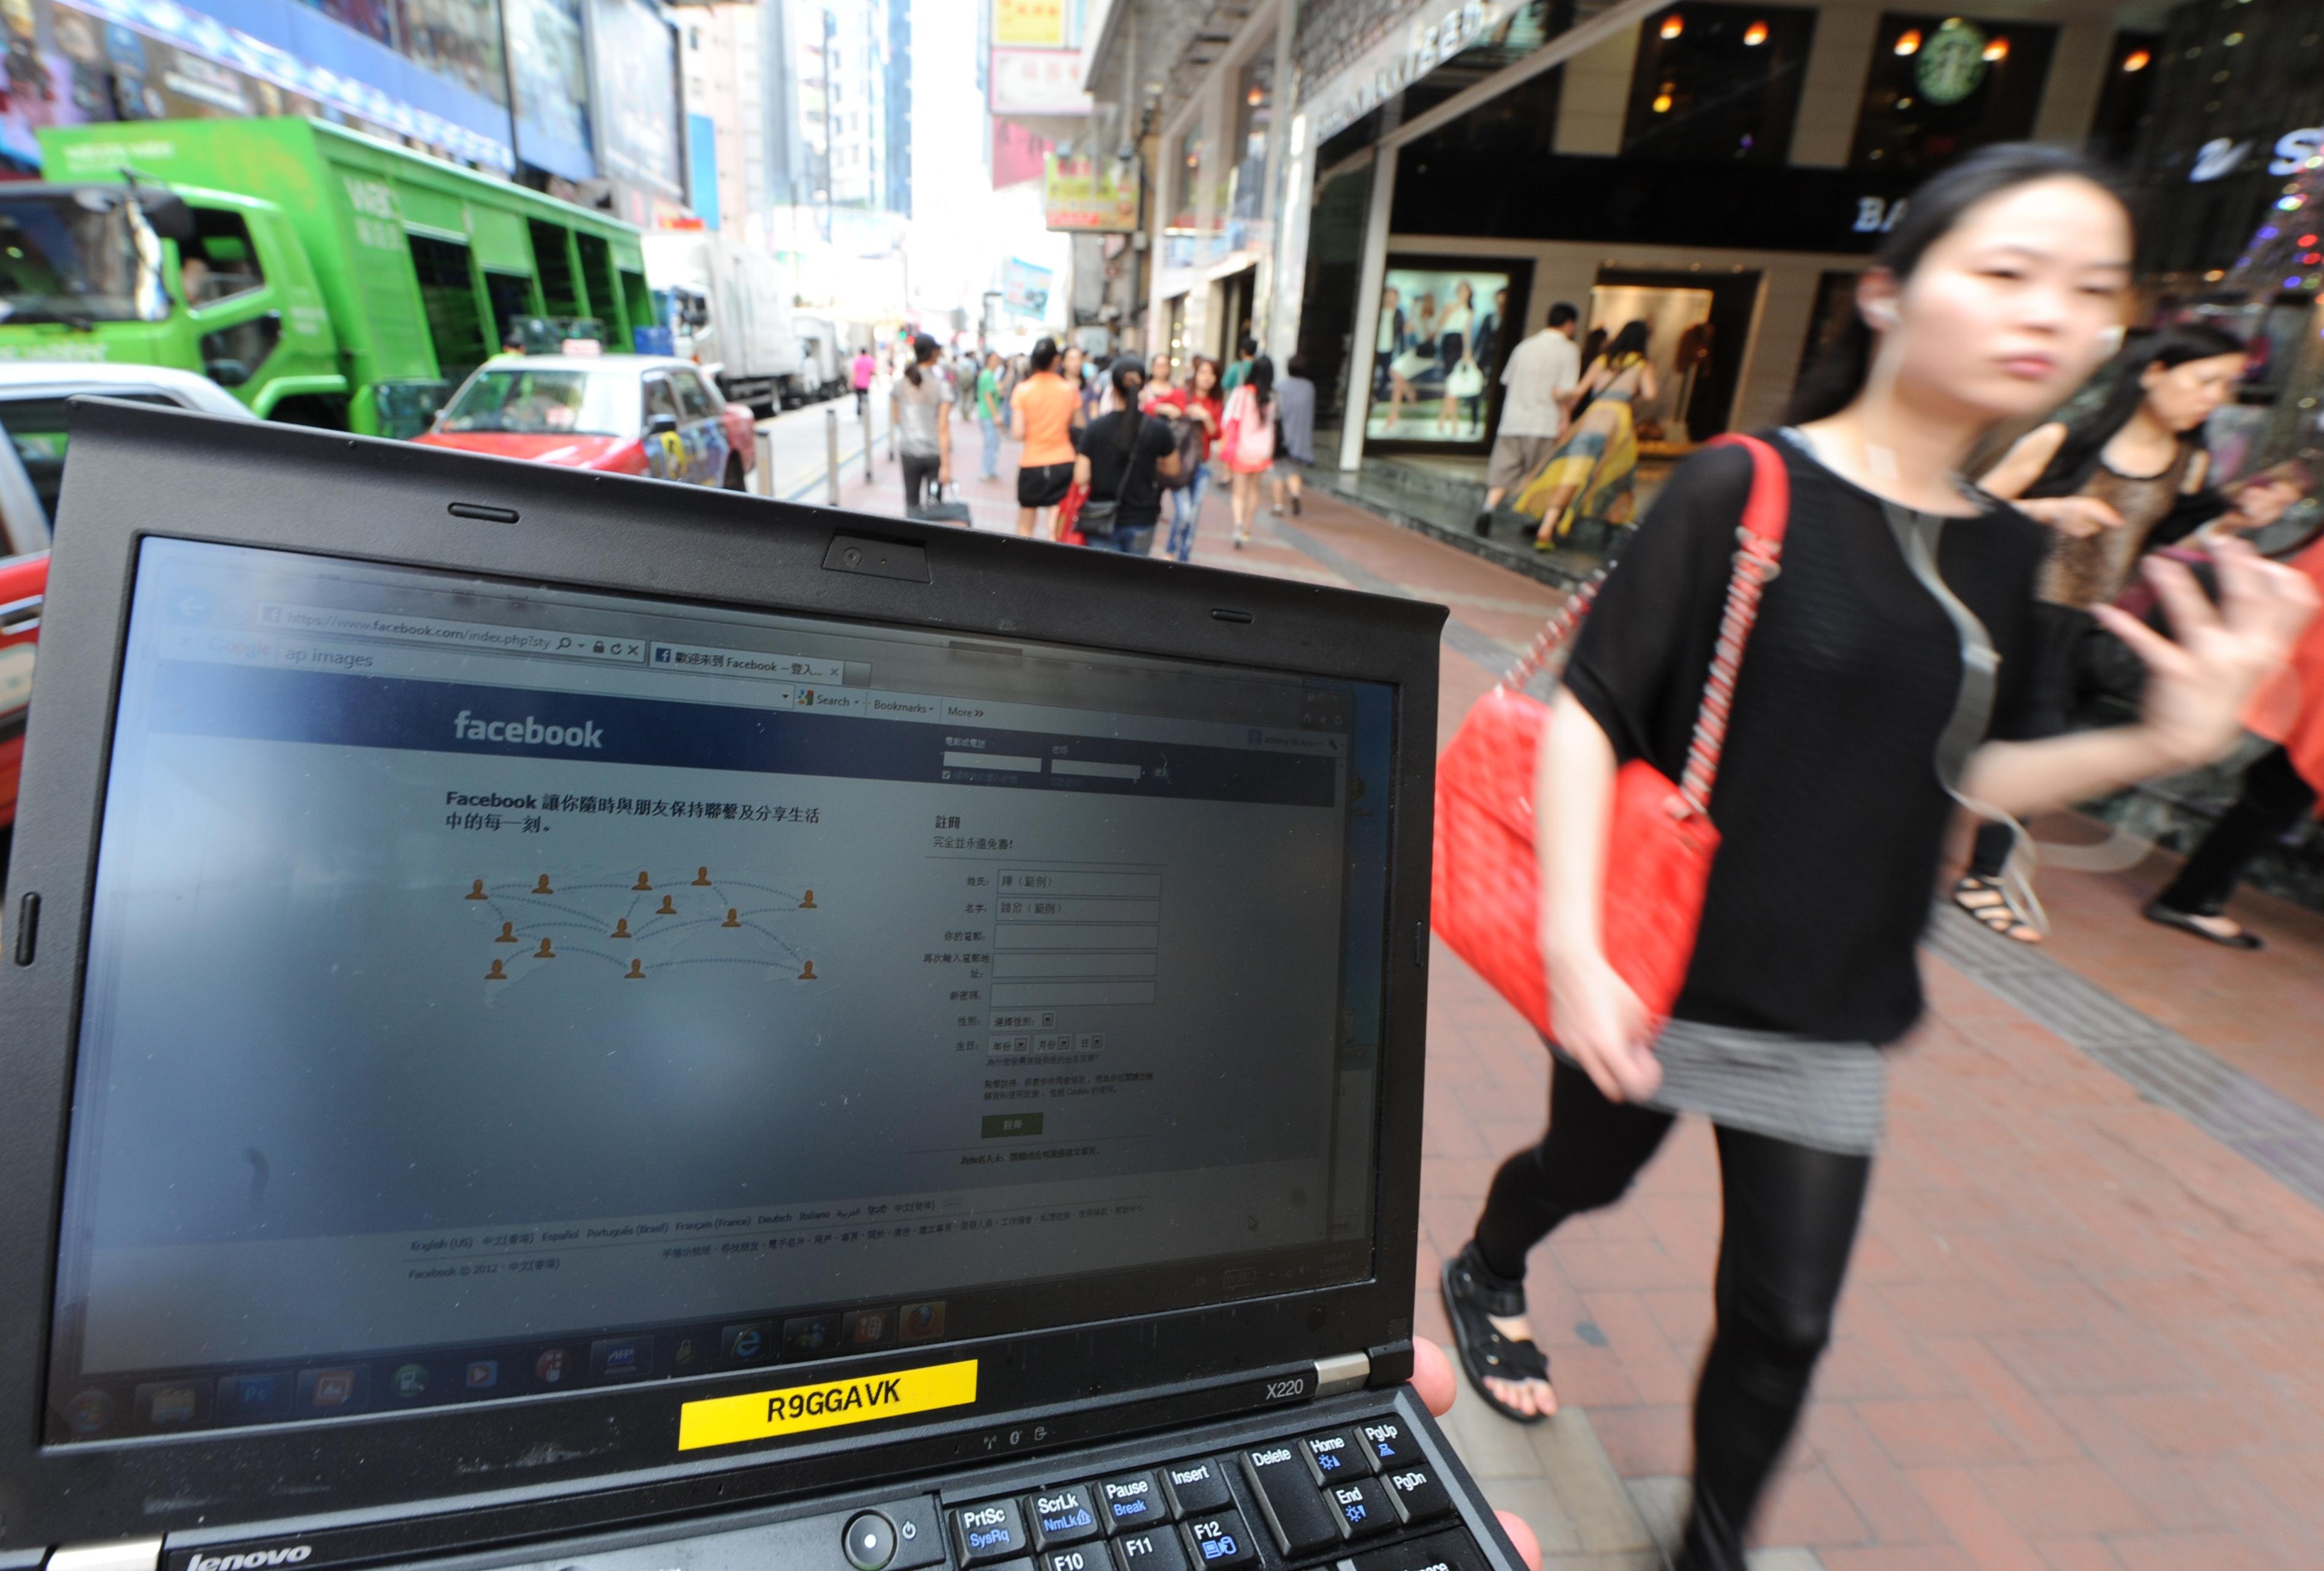 A pedestrian walks past a computer showi